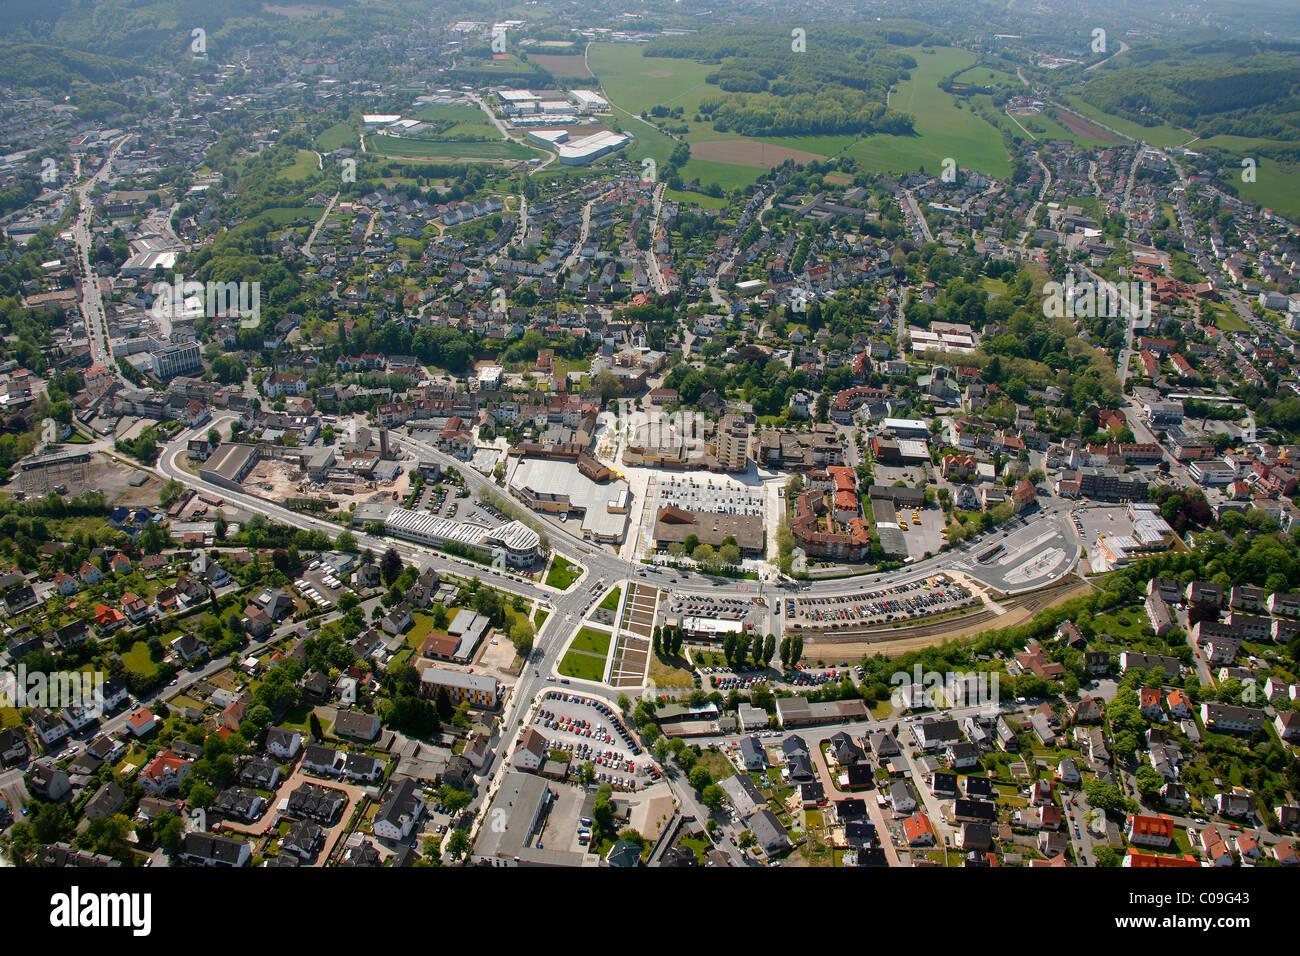 Aerial view, Landesgartenschau Country Garden Exhibition Hemer, Maerkischer Kreis district, Sauerland region - Stock Image